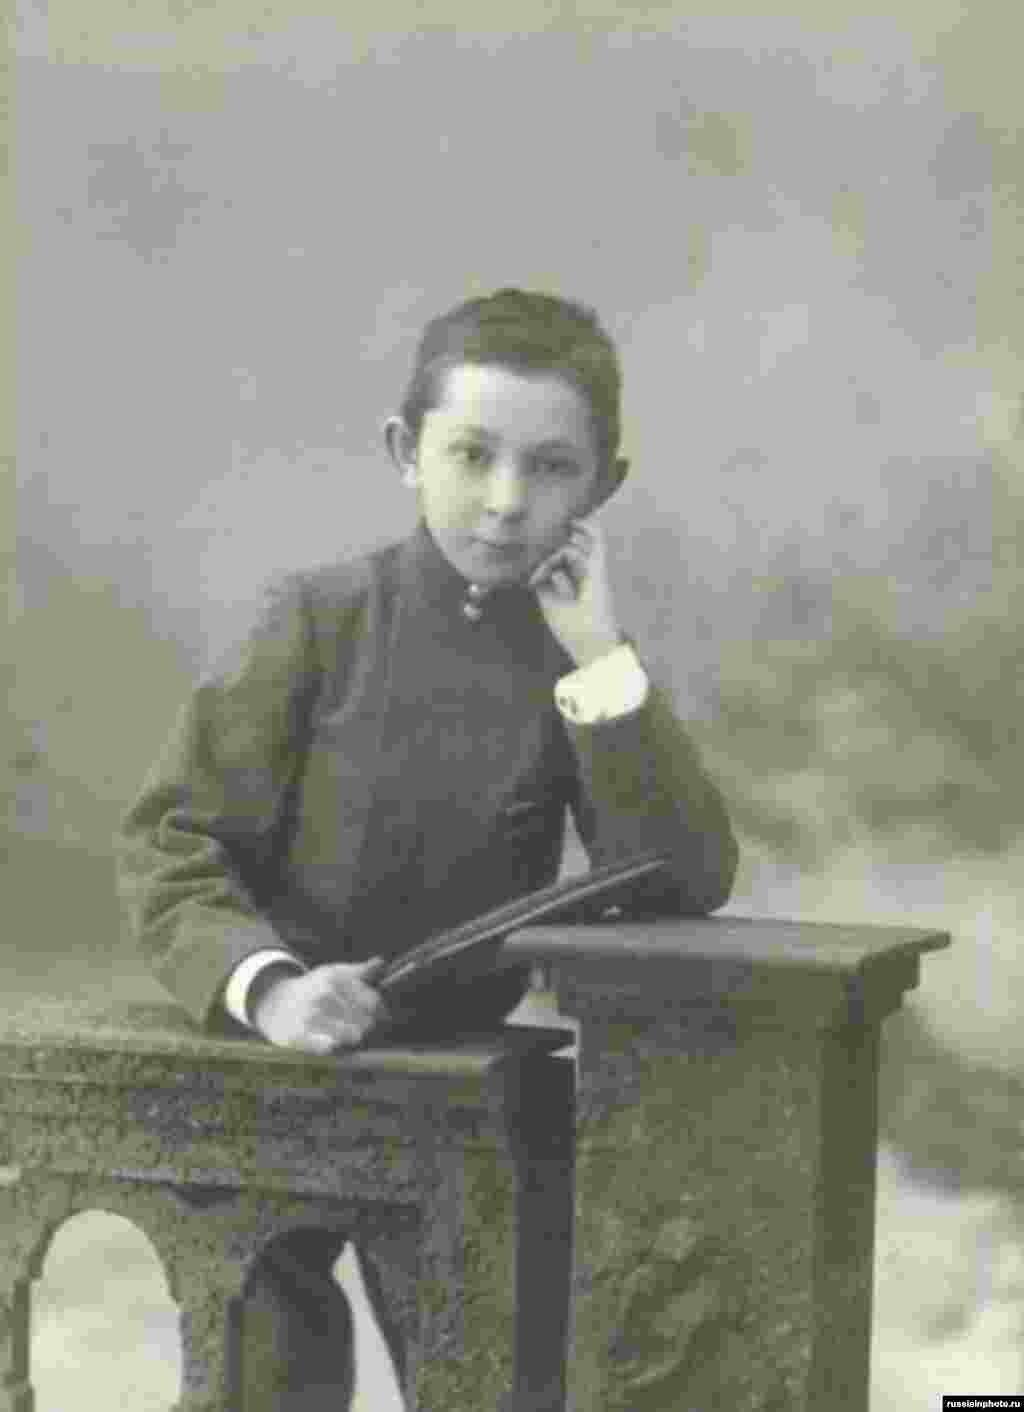 Гимназия шәкіртінің портреті. Самара қаласы, 1915 жыл.